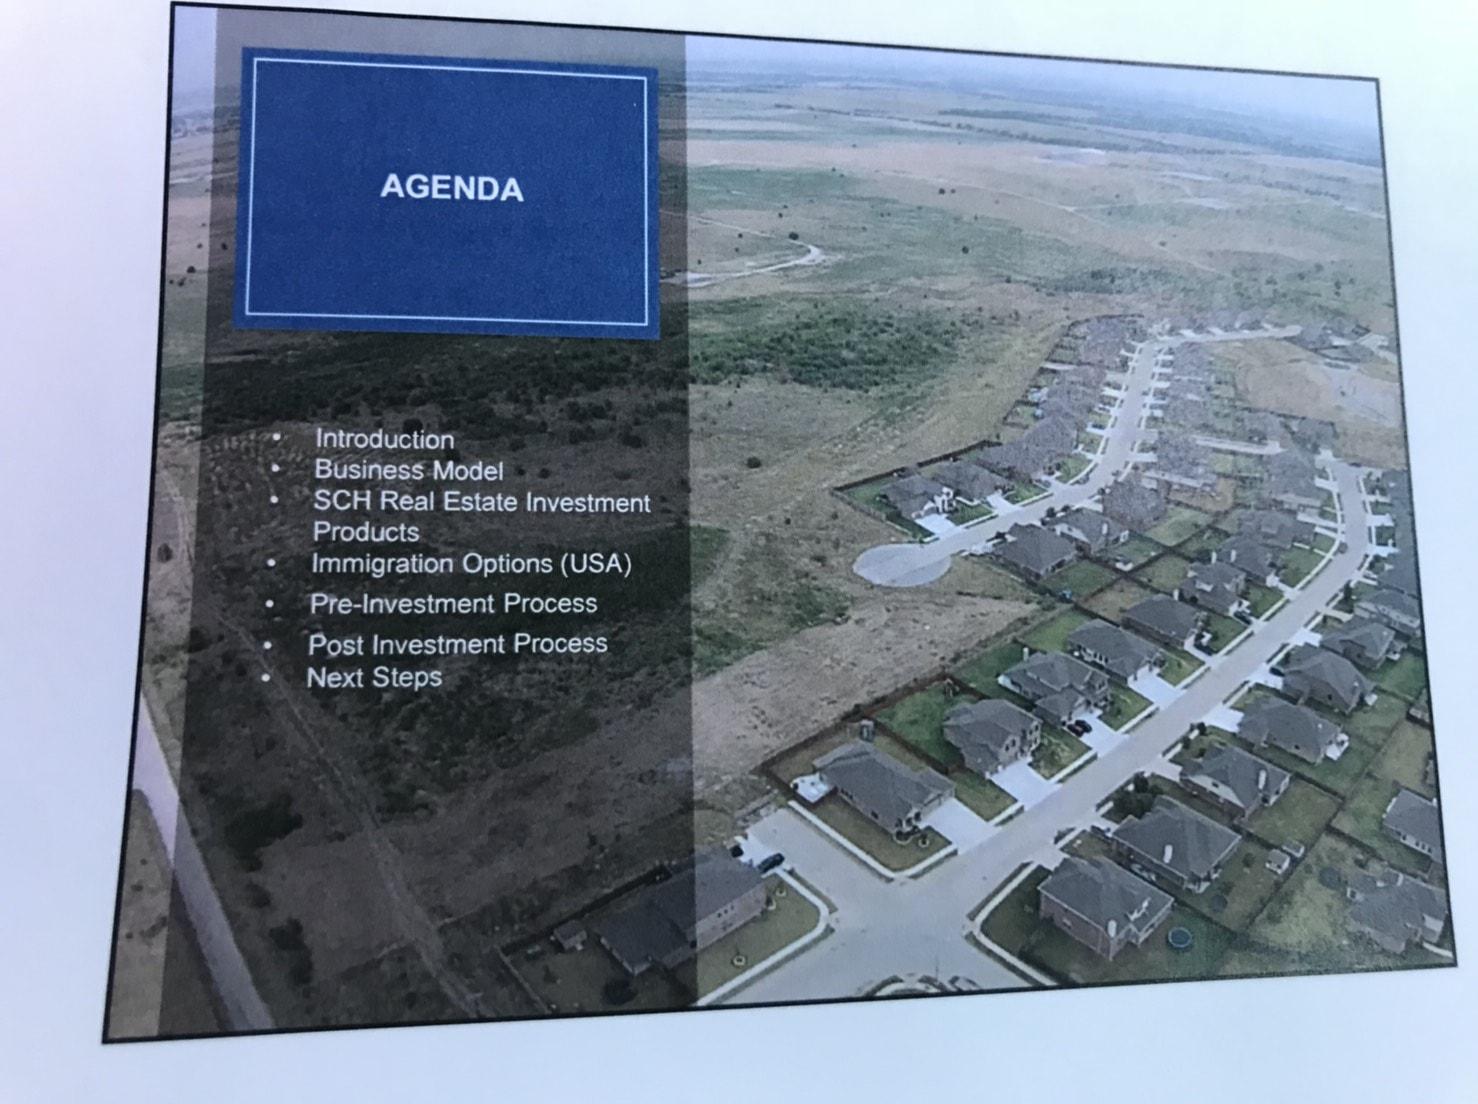 171215アメリカ都市開発投資プロジェクトのアジェンダ